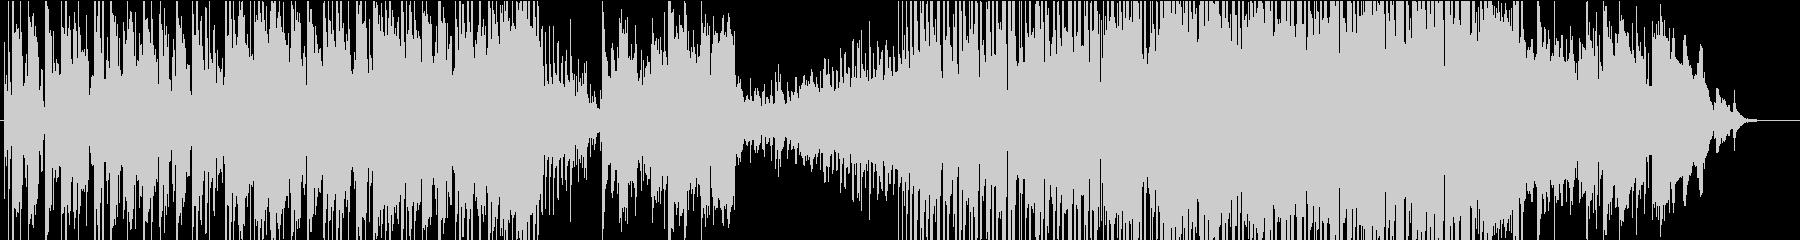 尺八を中心とした幻想的な和風BGMの未再生の波形